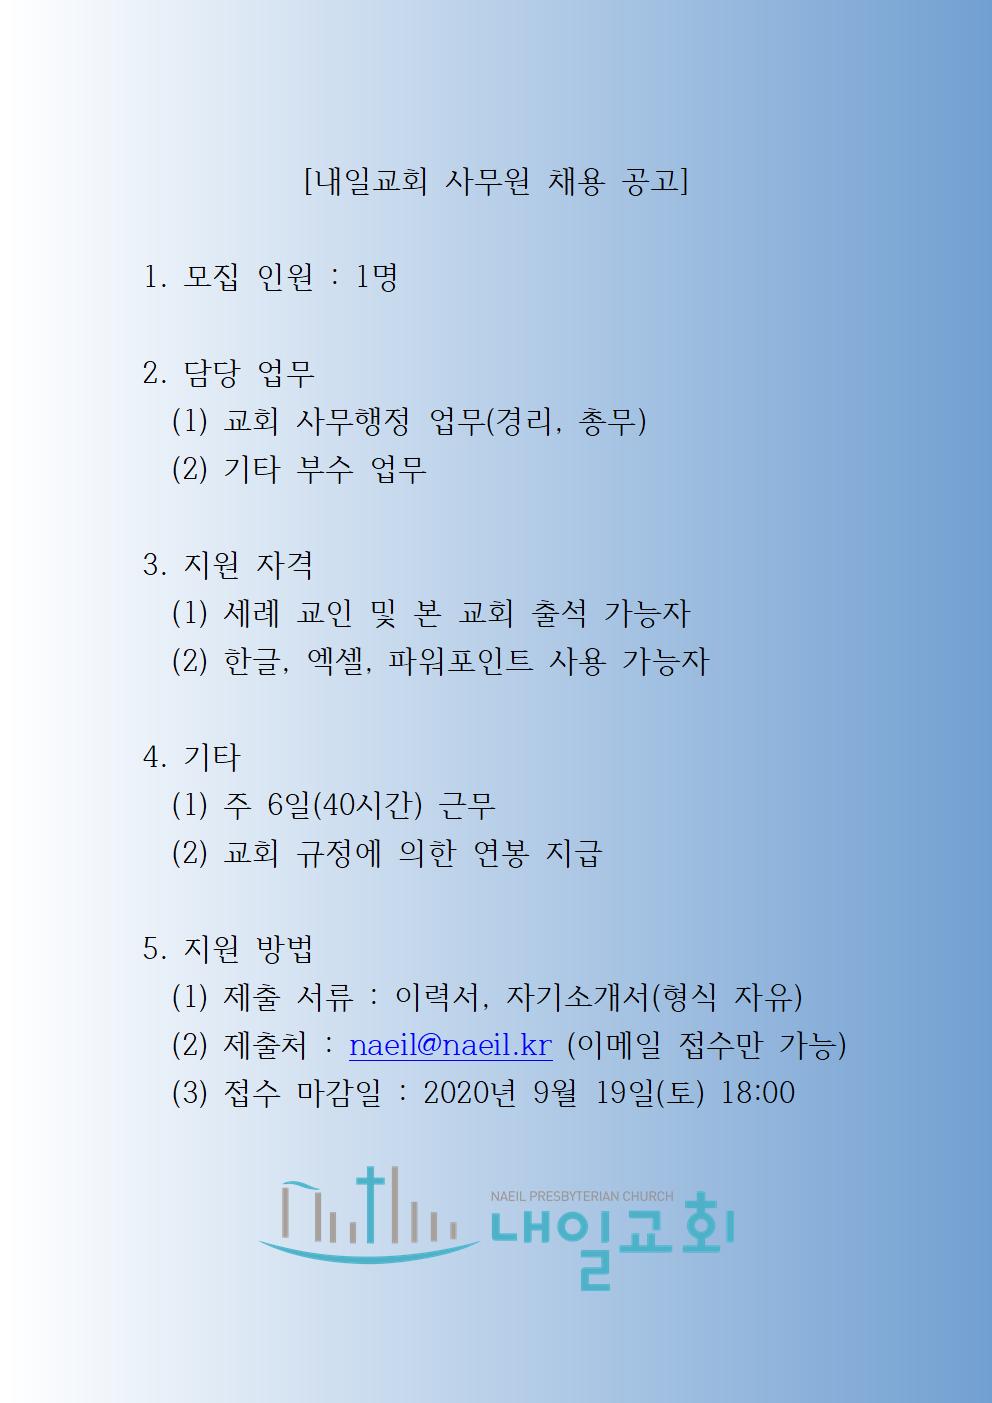 내일교회 사무원 채용 공고.png